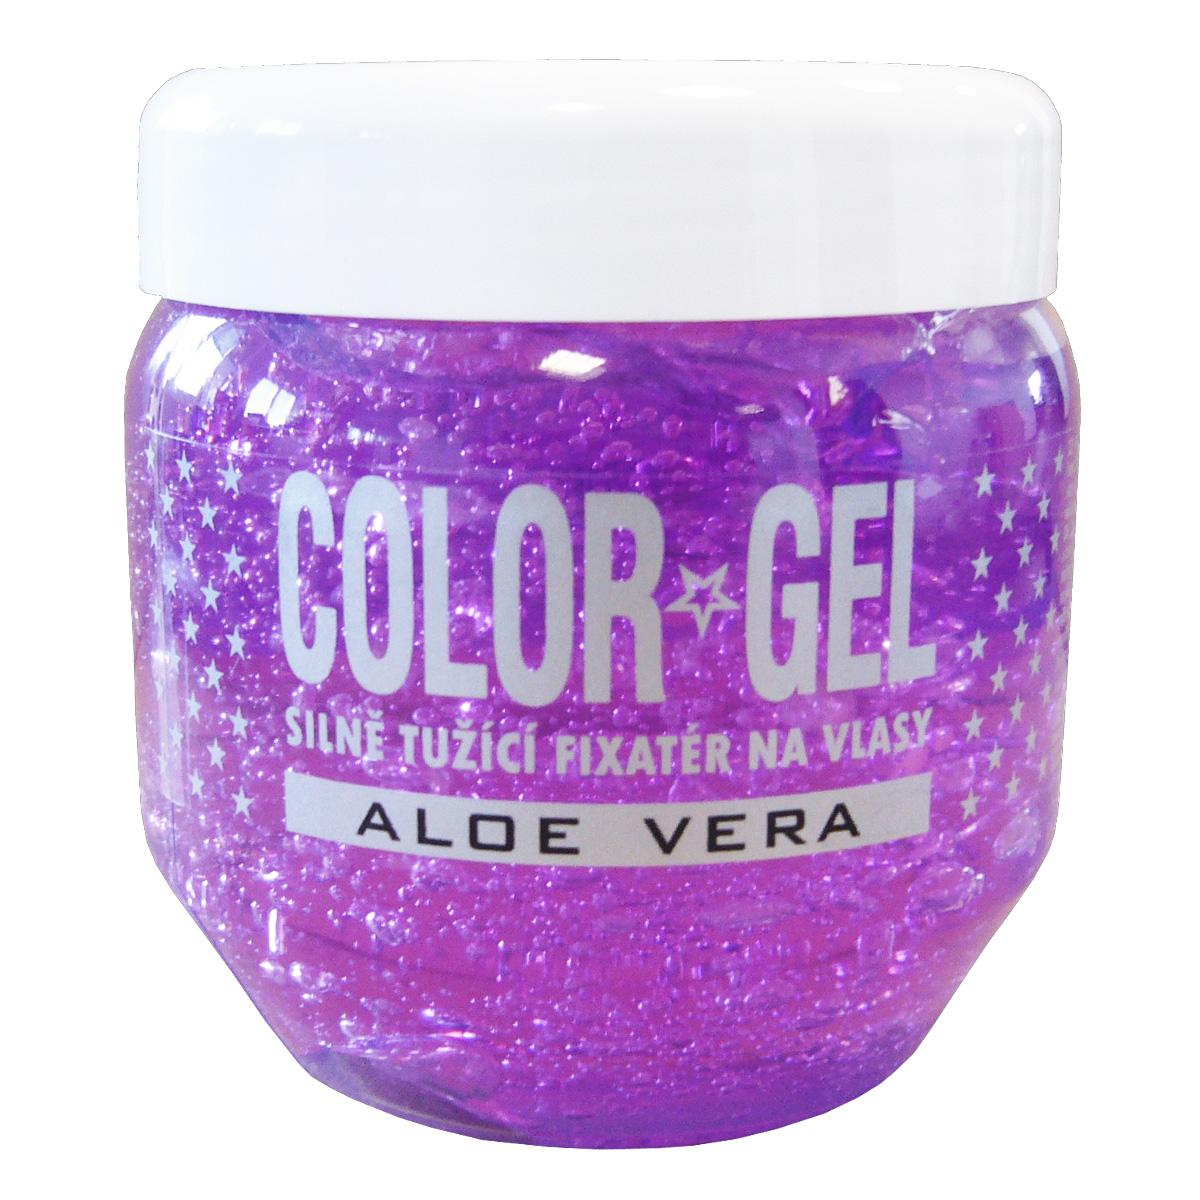 02099 Color gel na vlasy s aloe vera 400ml